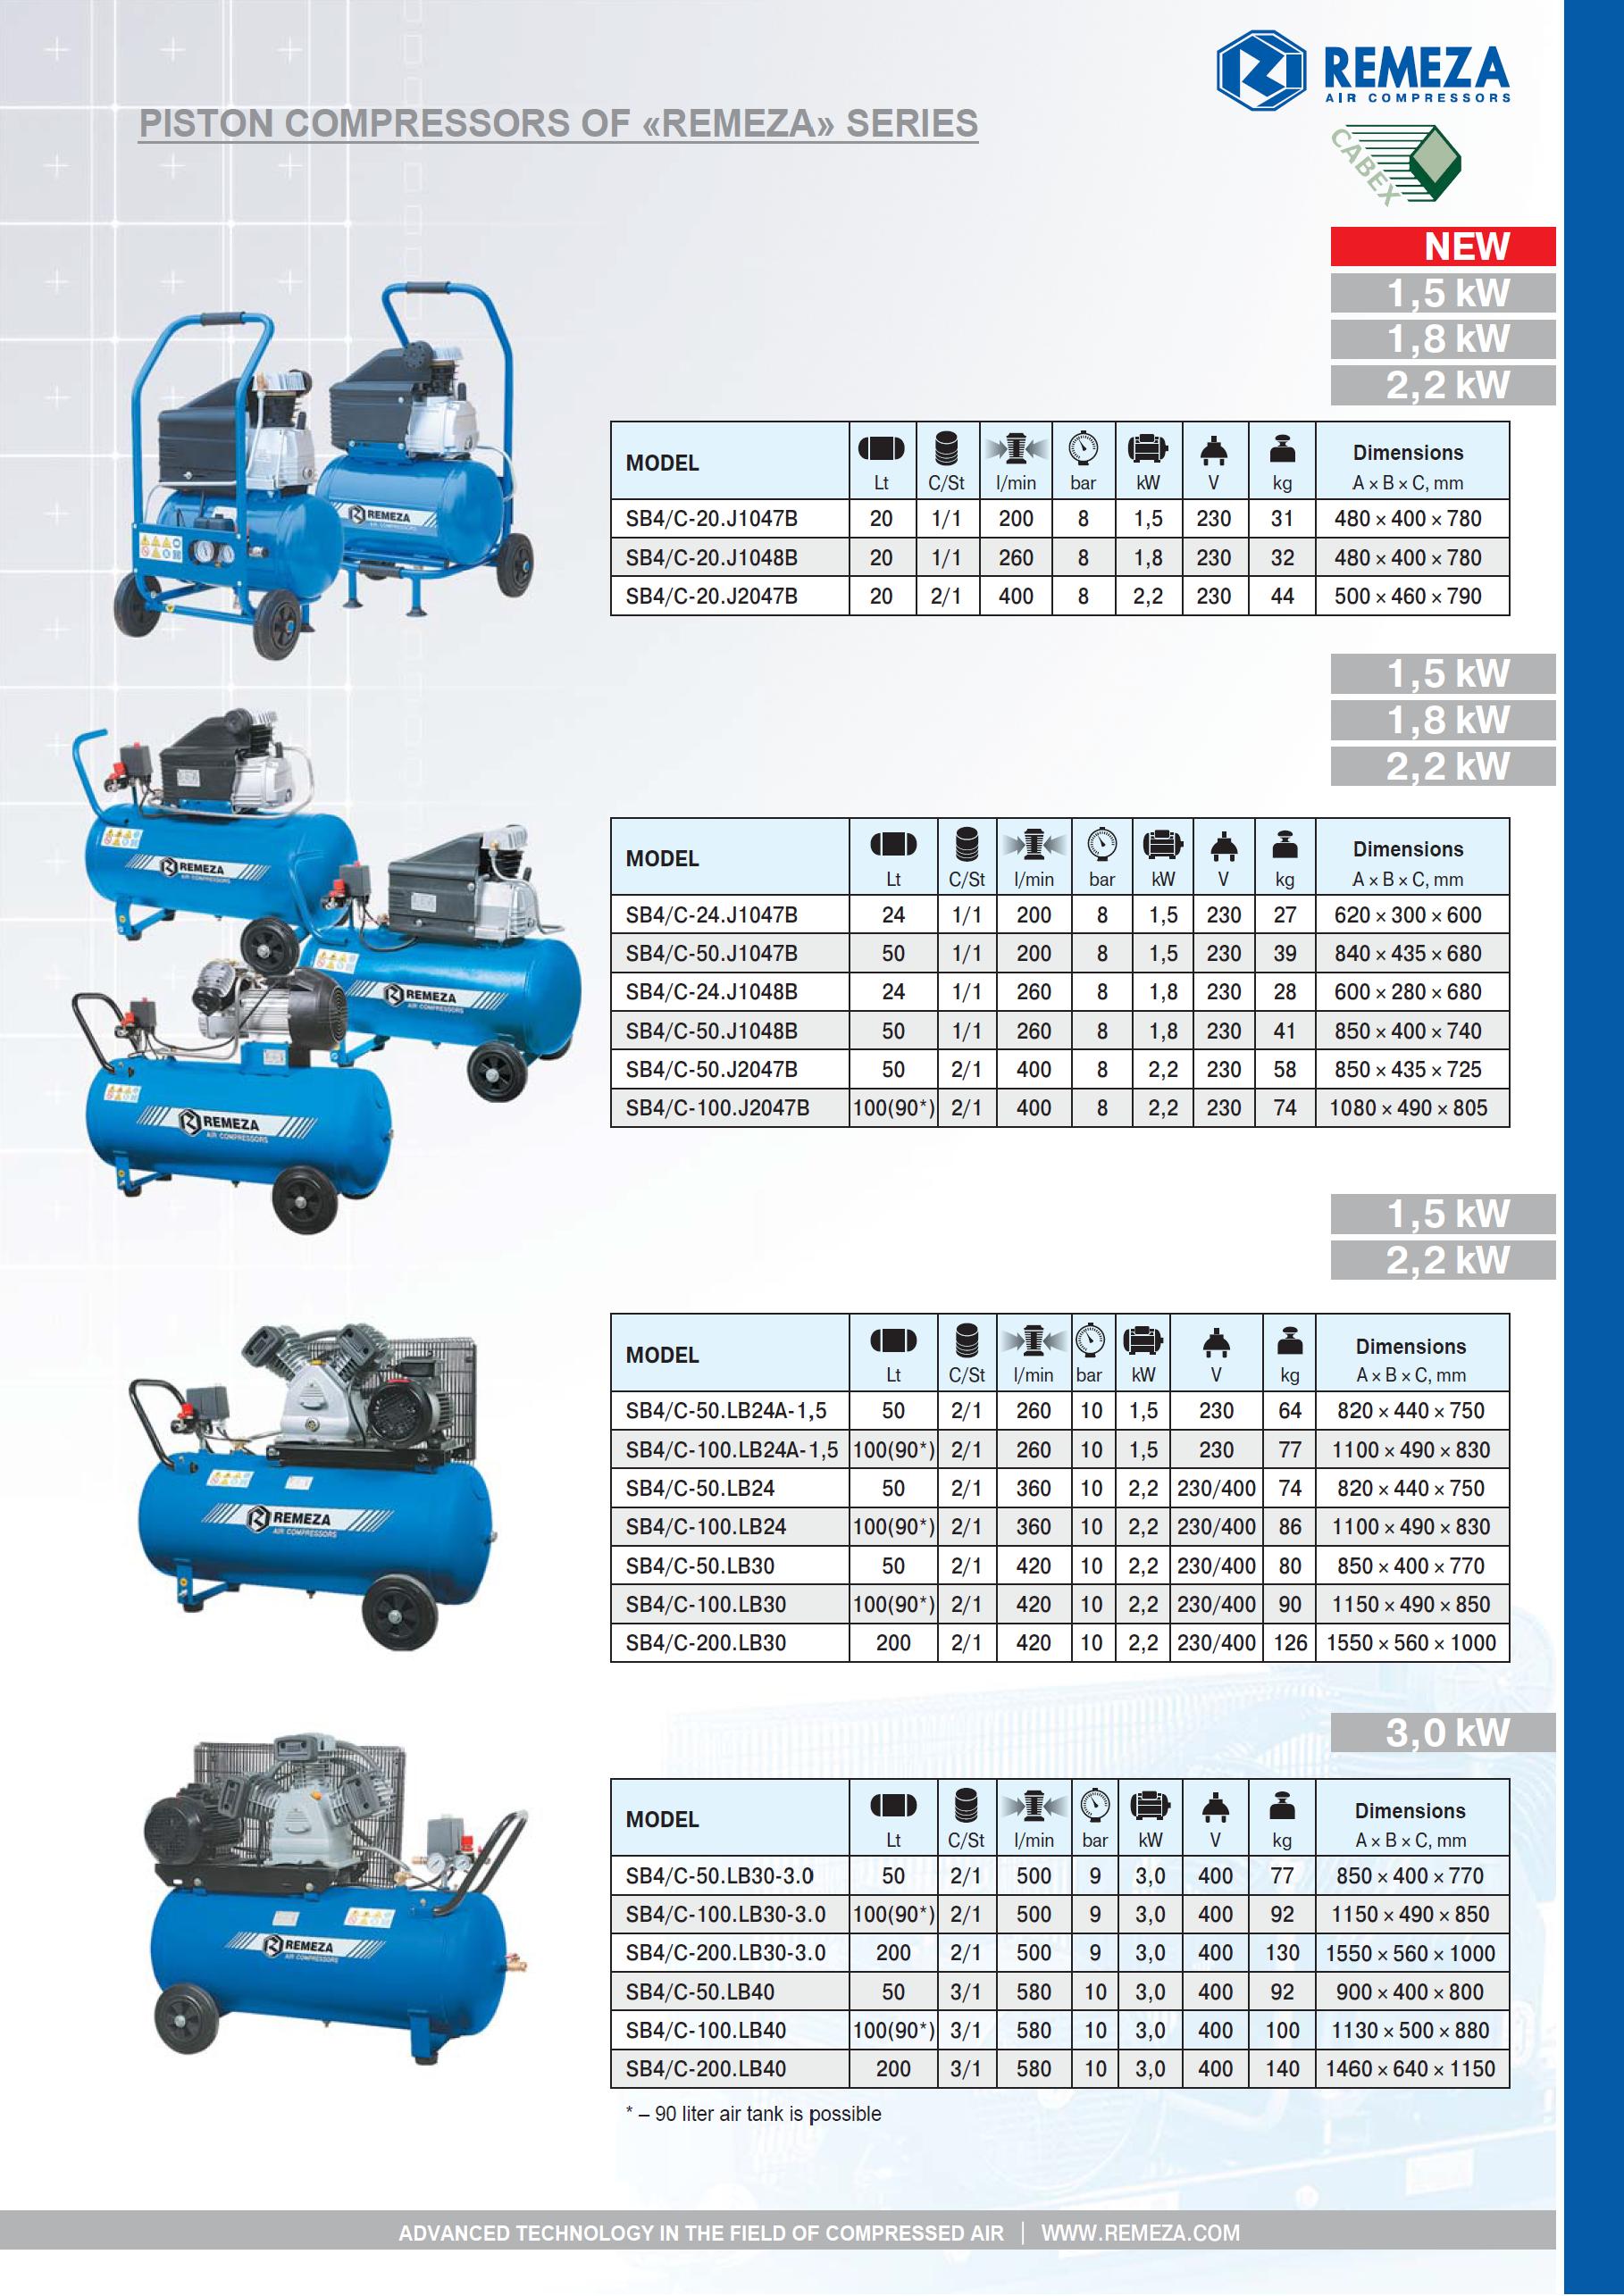 3_piston-compressors-remeza-series_pag_1